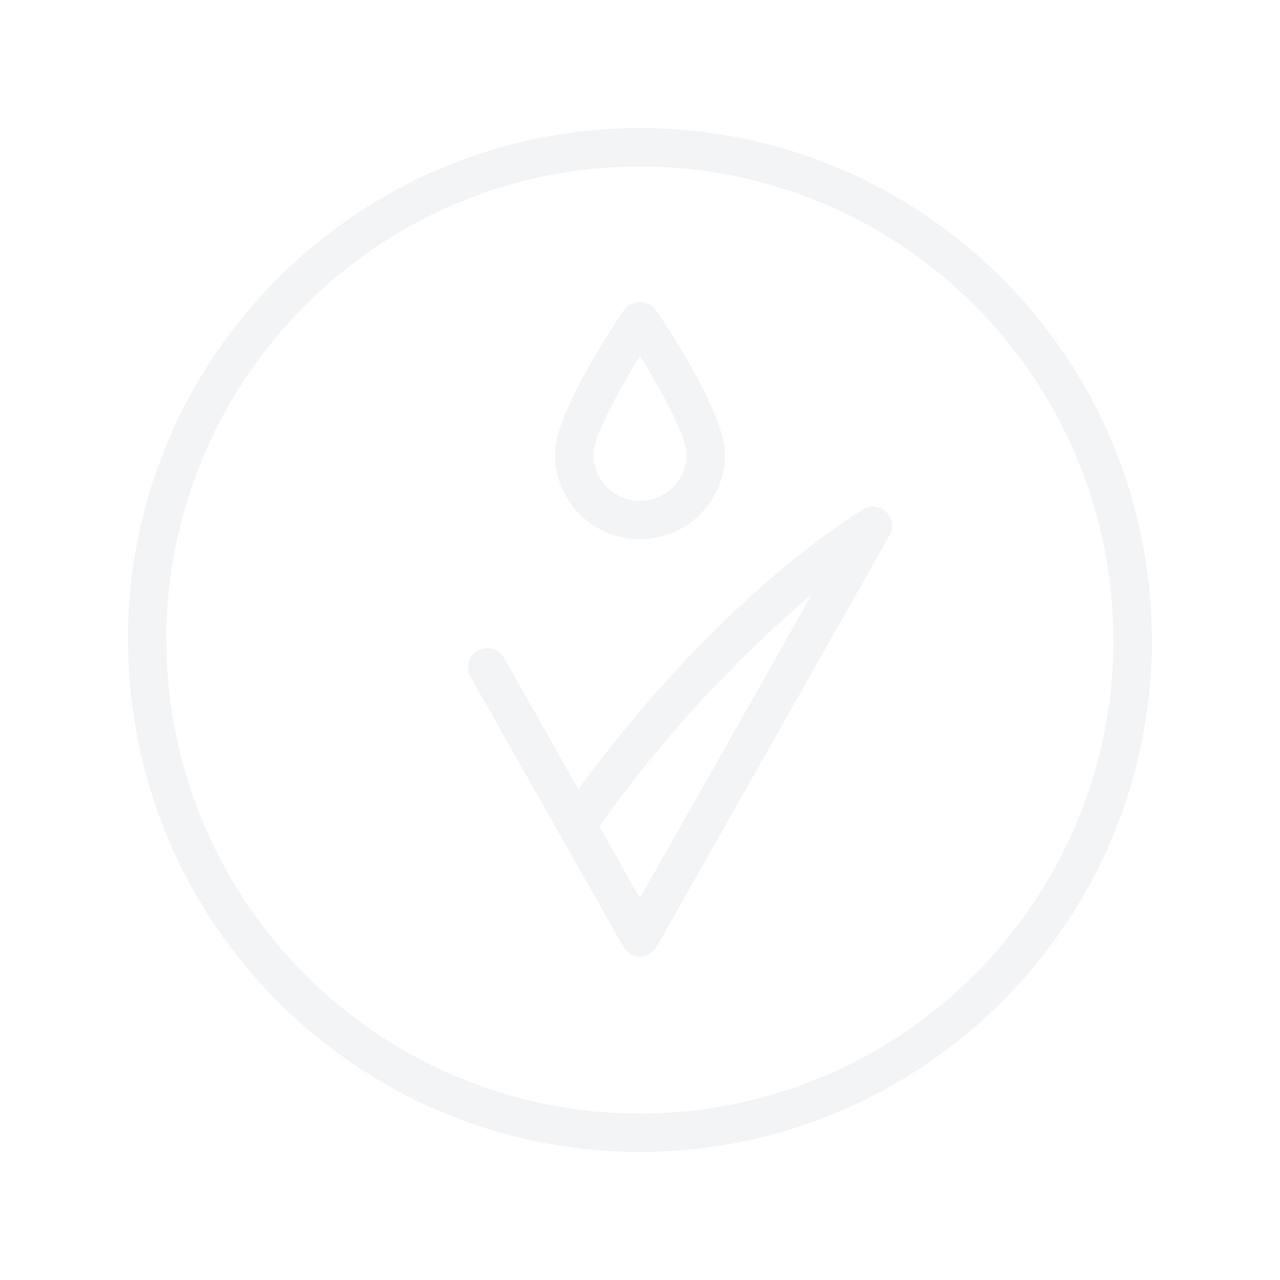 JAMES BOND 007 Cologne Deodorant Spray 150ml